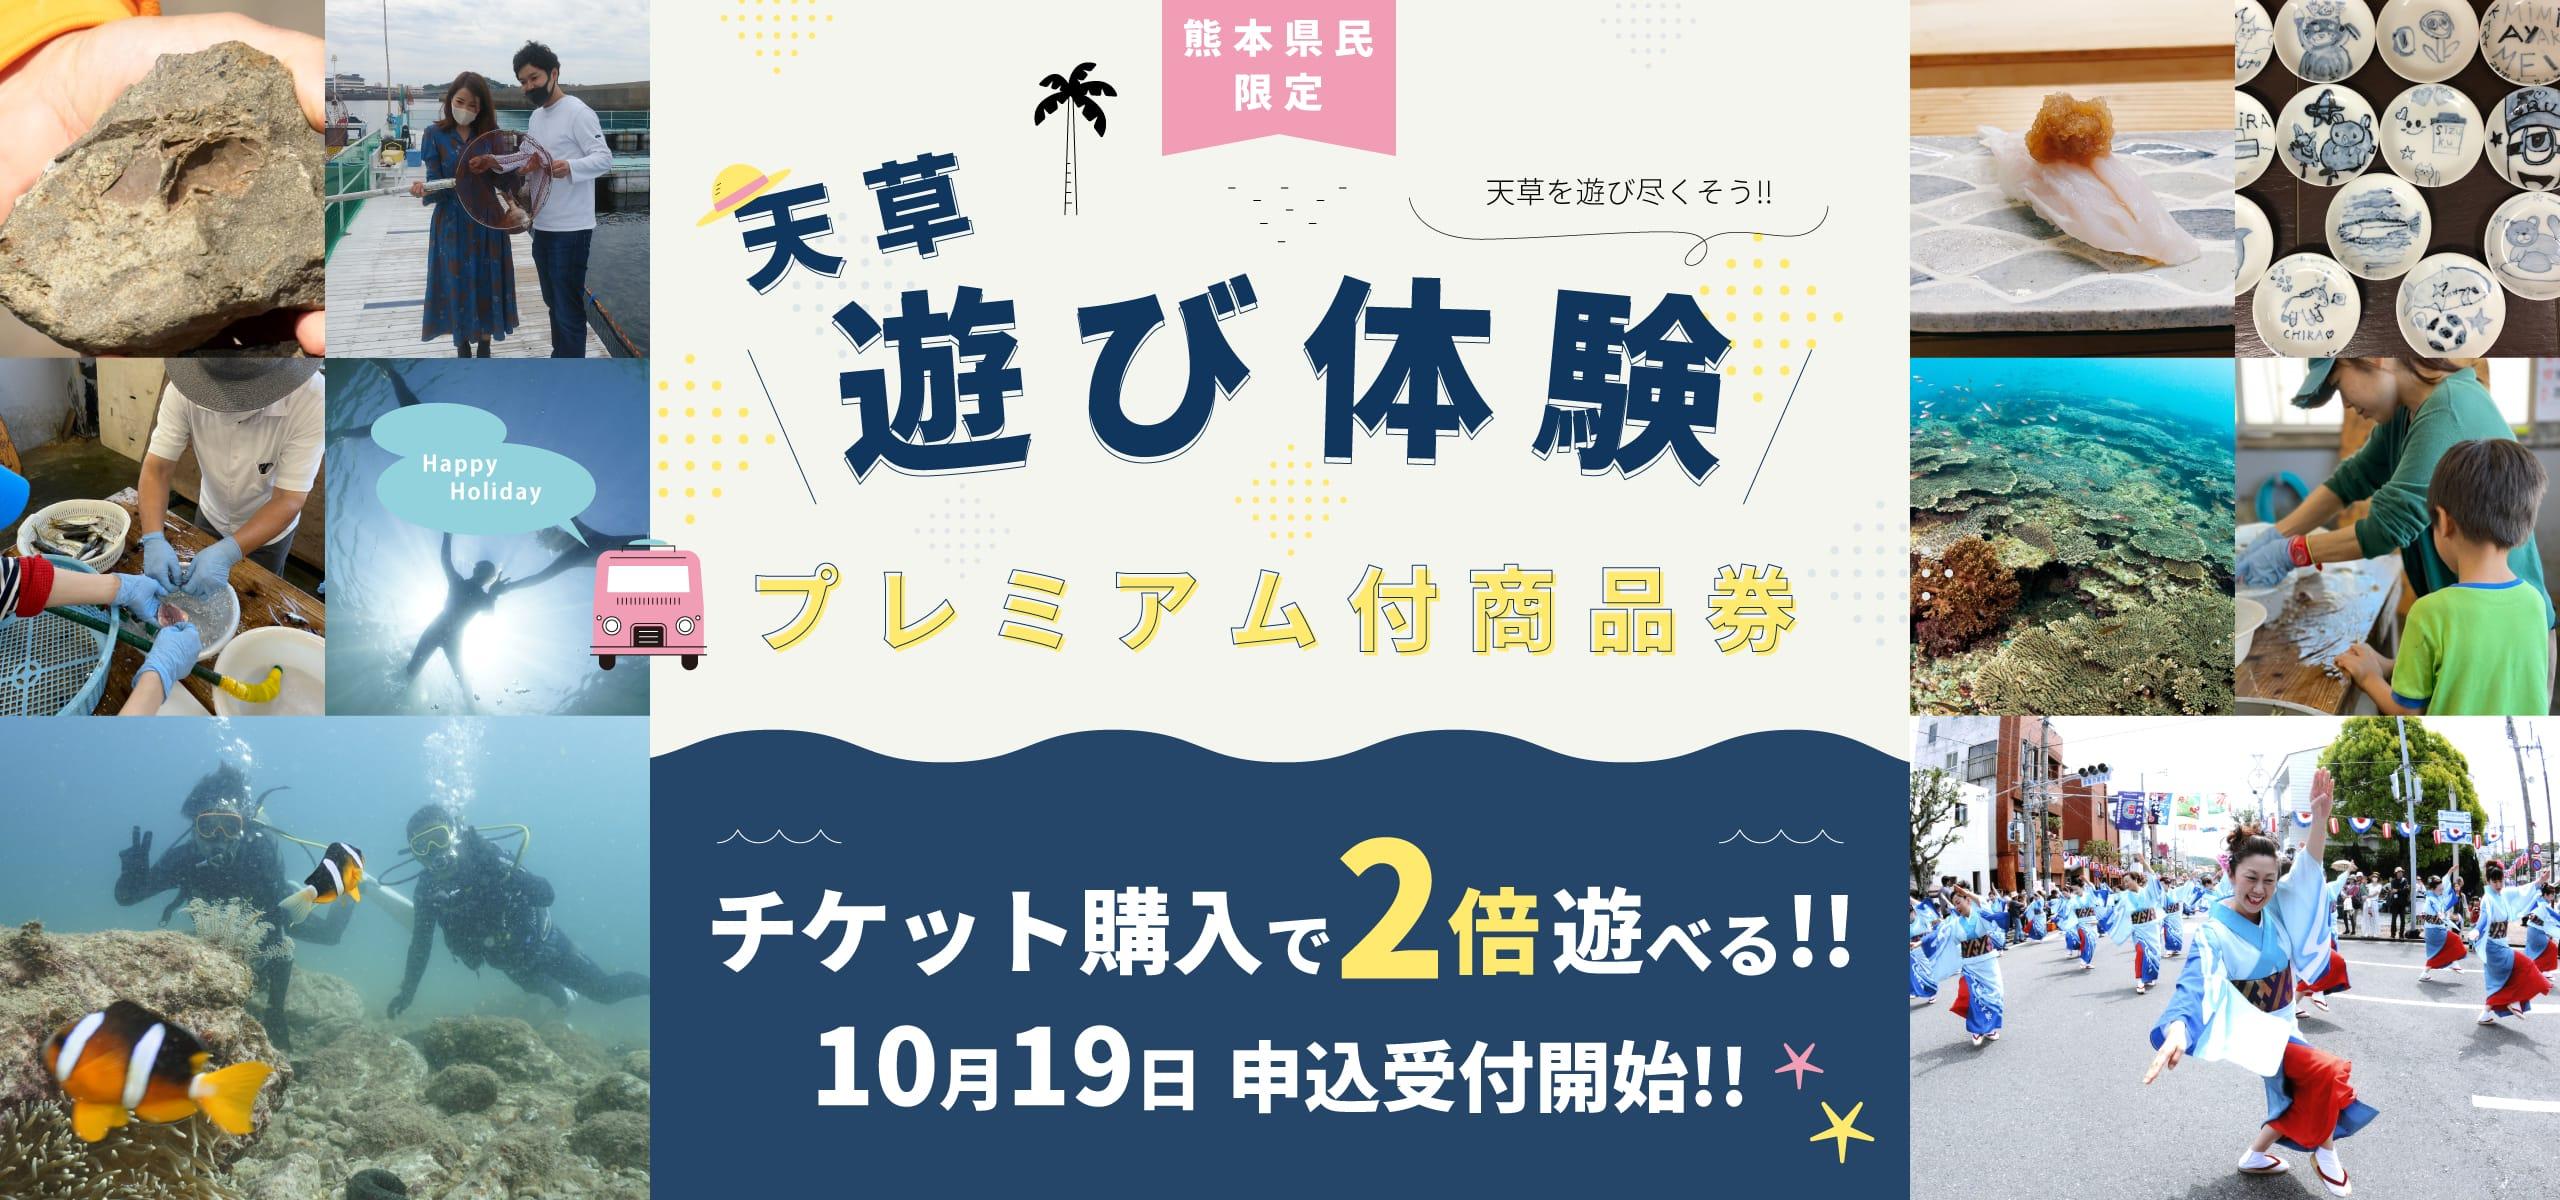 天草遊び体験チケット